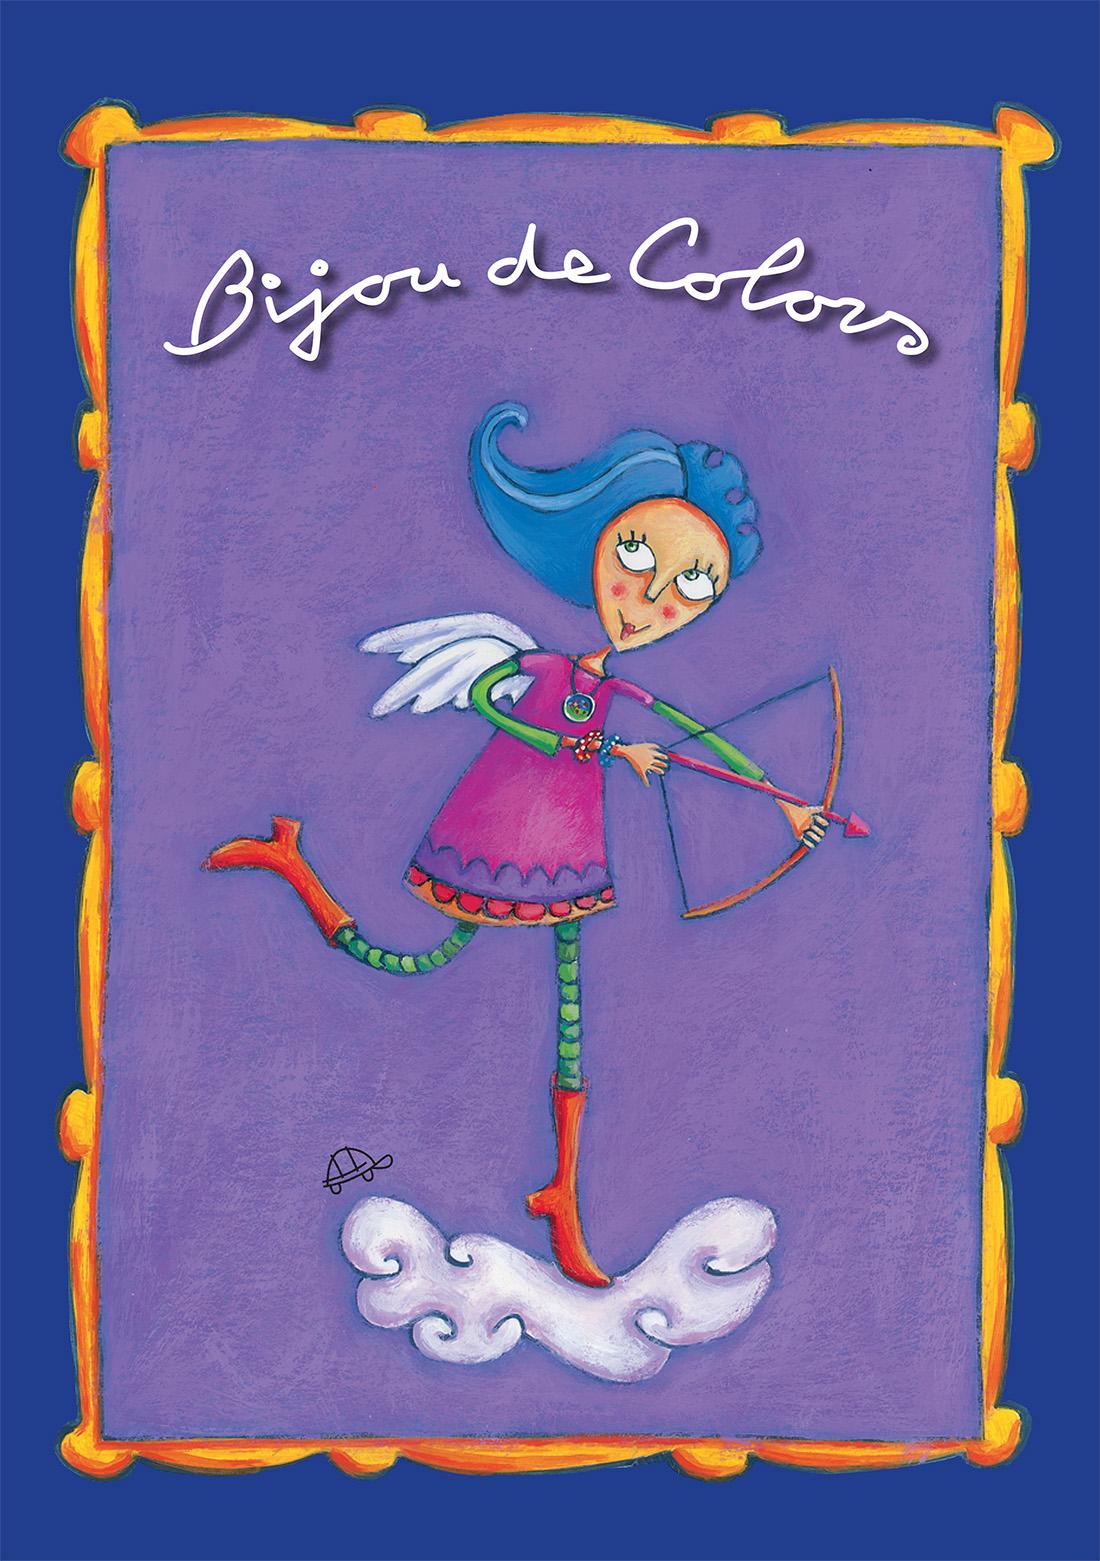 Imatge botiga Bijou de Colors